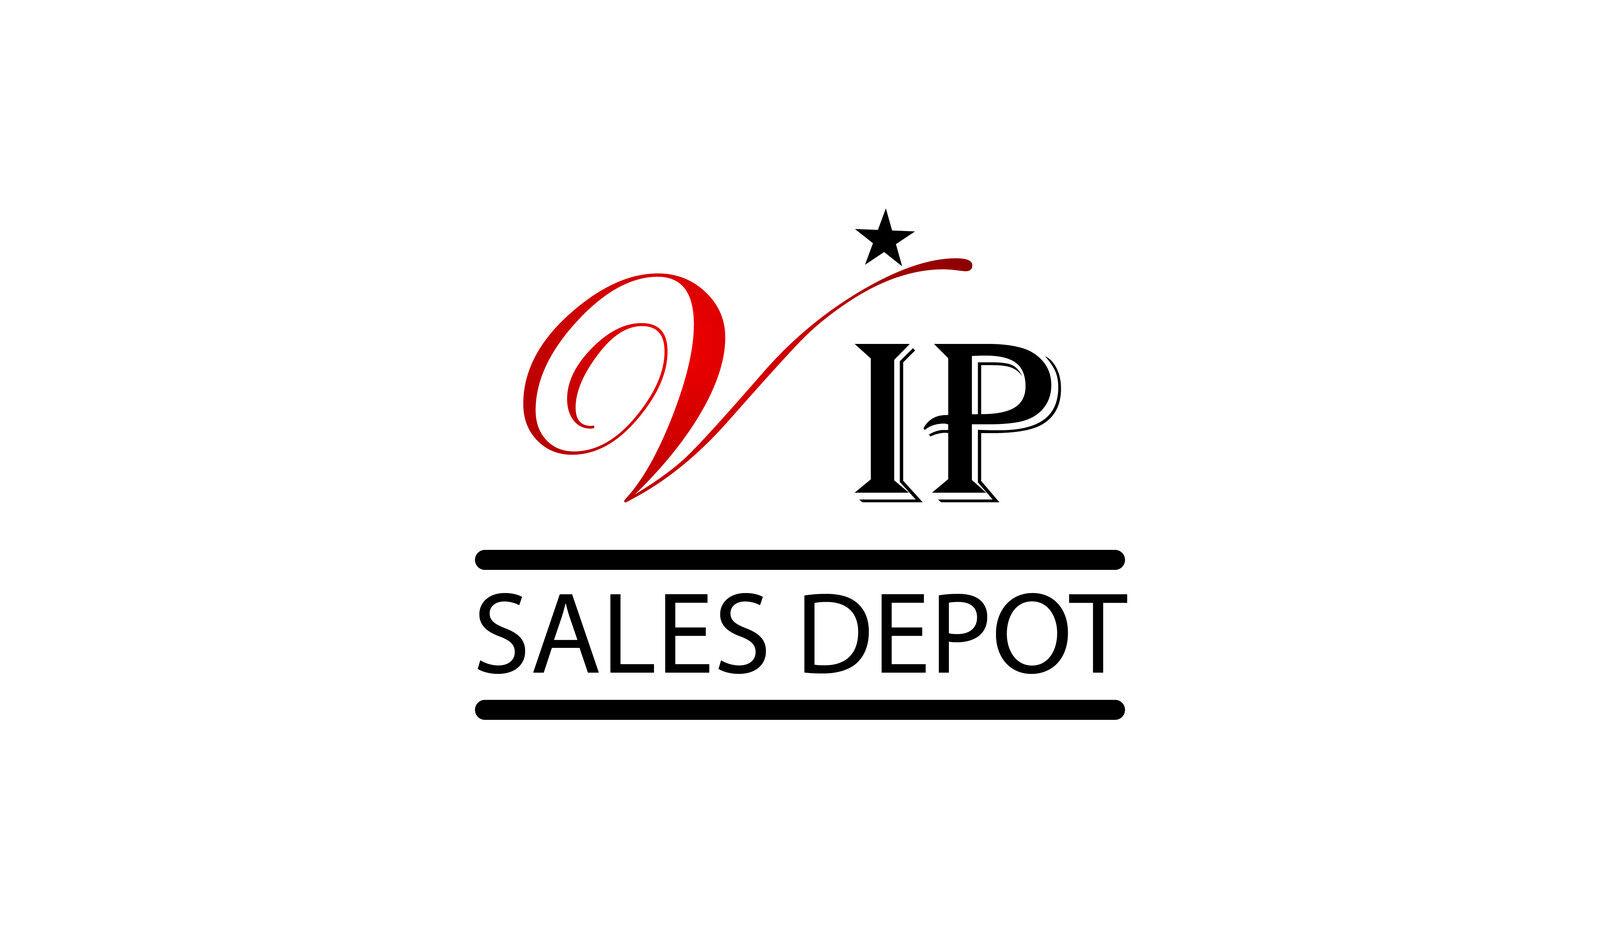 VIP SALES DEPOT